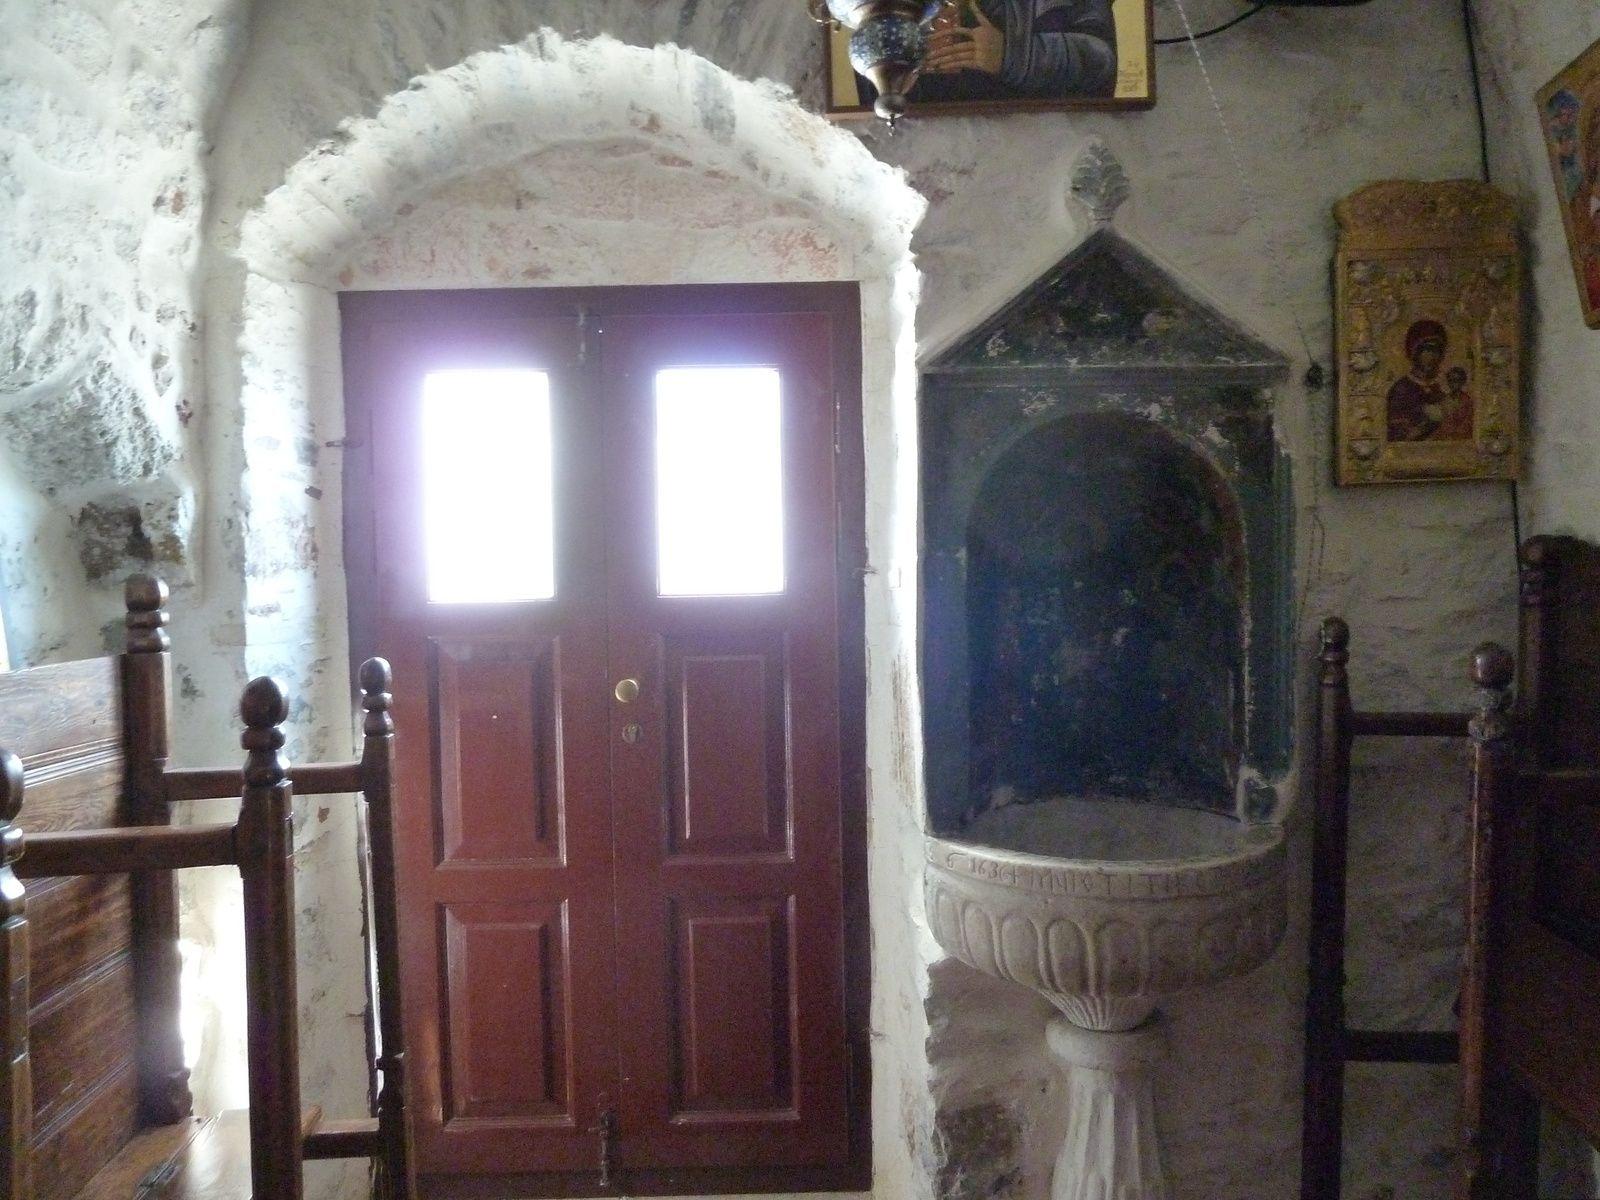 La chapelle, renfermant quelques belles icônes, est installée dans une des anfractuosités du rocher. Tournefort, dans son Voyage d'un botaniste (1700) dit qu'il «ressemble de loin à une armoire appliquée vers le bas d'un rocher effroyable, taillé naturellement à plomb». Il estime qu'une centaine de moines pouvaient y loger. En 1989, il n'y en avait plus que deux. Il semblerait que depuis les évolutions politiques en Europe de l'Est, de nombreux jeunes moines d'origine russe se soient installés à Amorgos, comme dans d'autres monastères de Grèce.